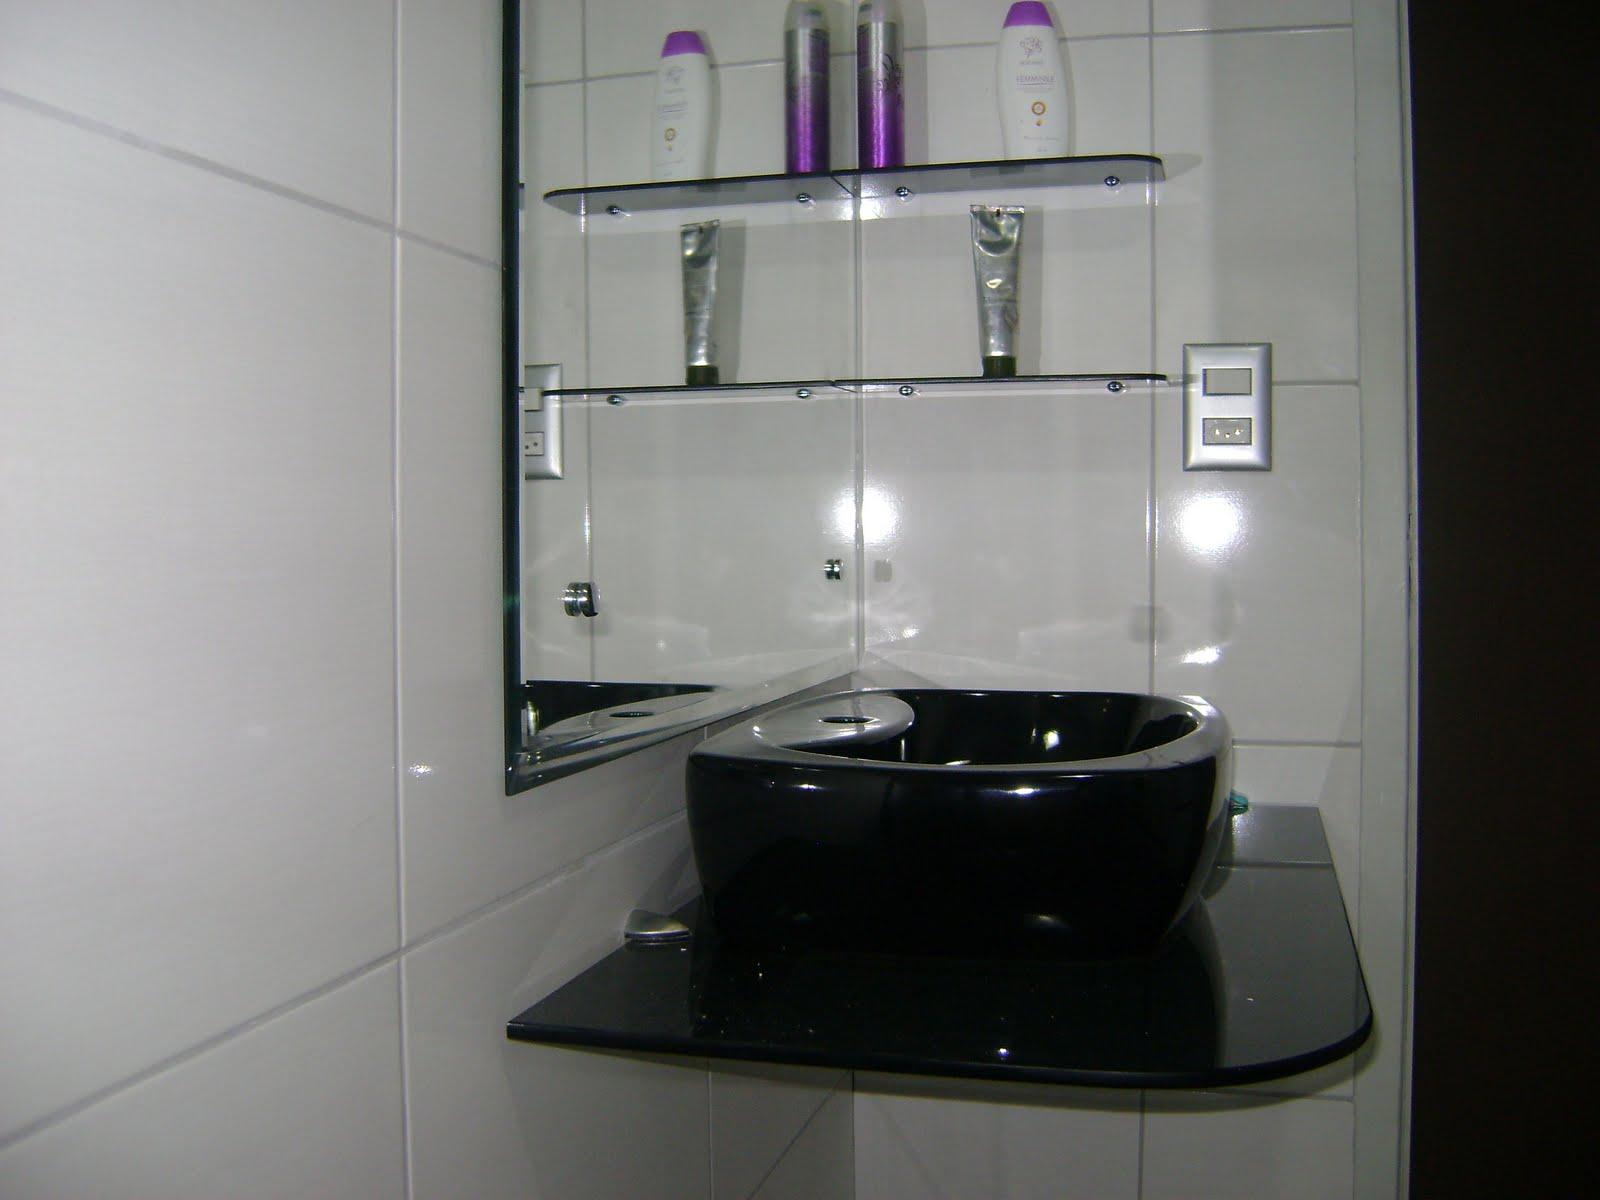 Imagens de #161715 Bazar do Alumínio: BOX BLINDEX PARA BANHEIRO CONFIRA NOSSOS  1600x1200 px 3484 Blindex Para Banheiro Rj